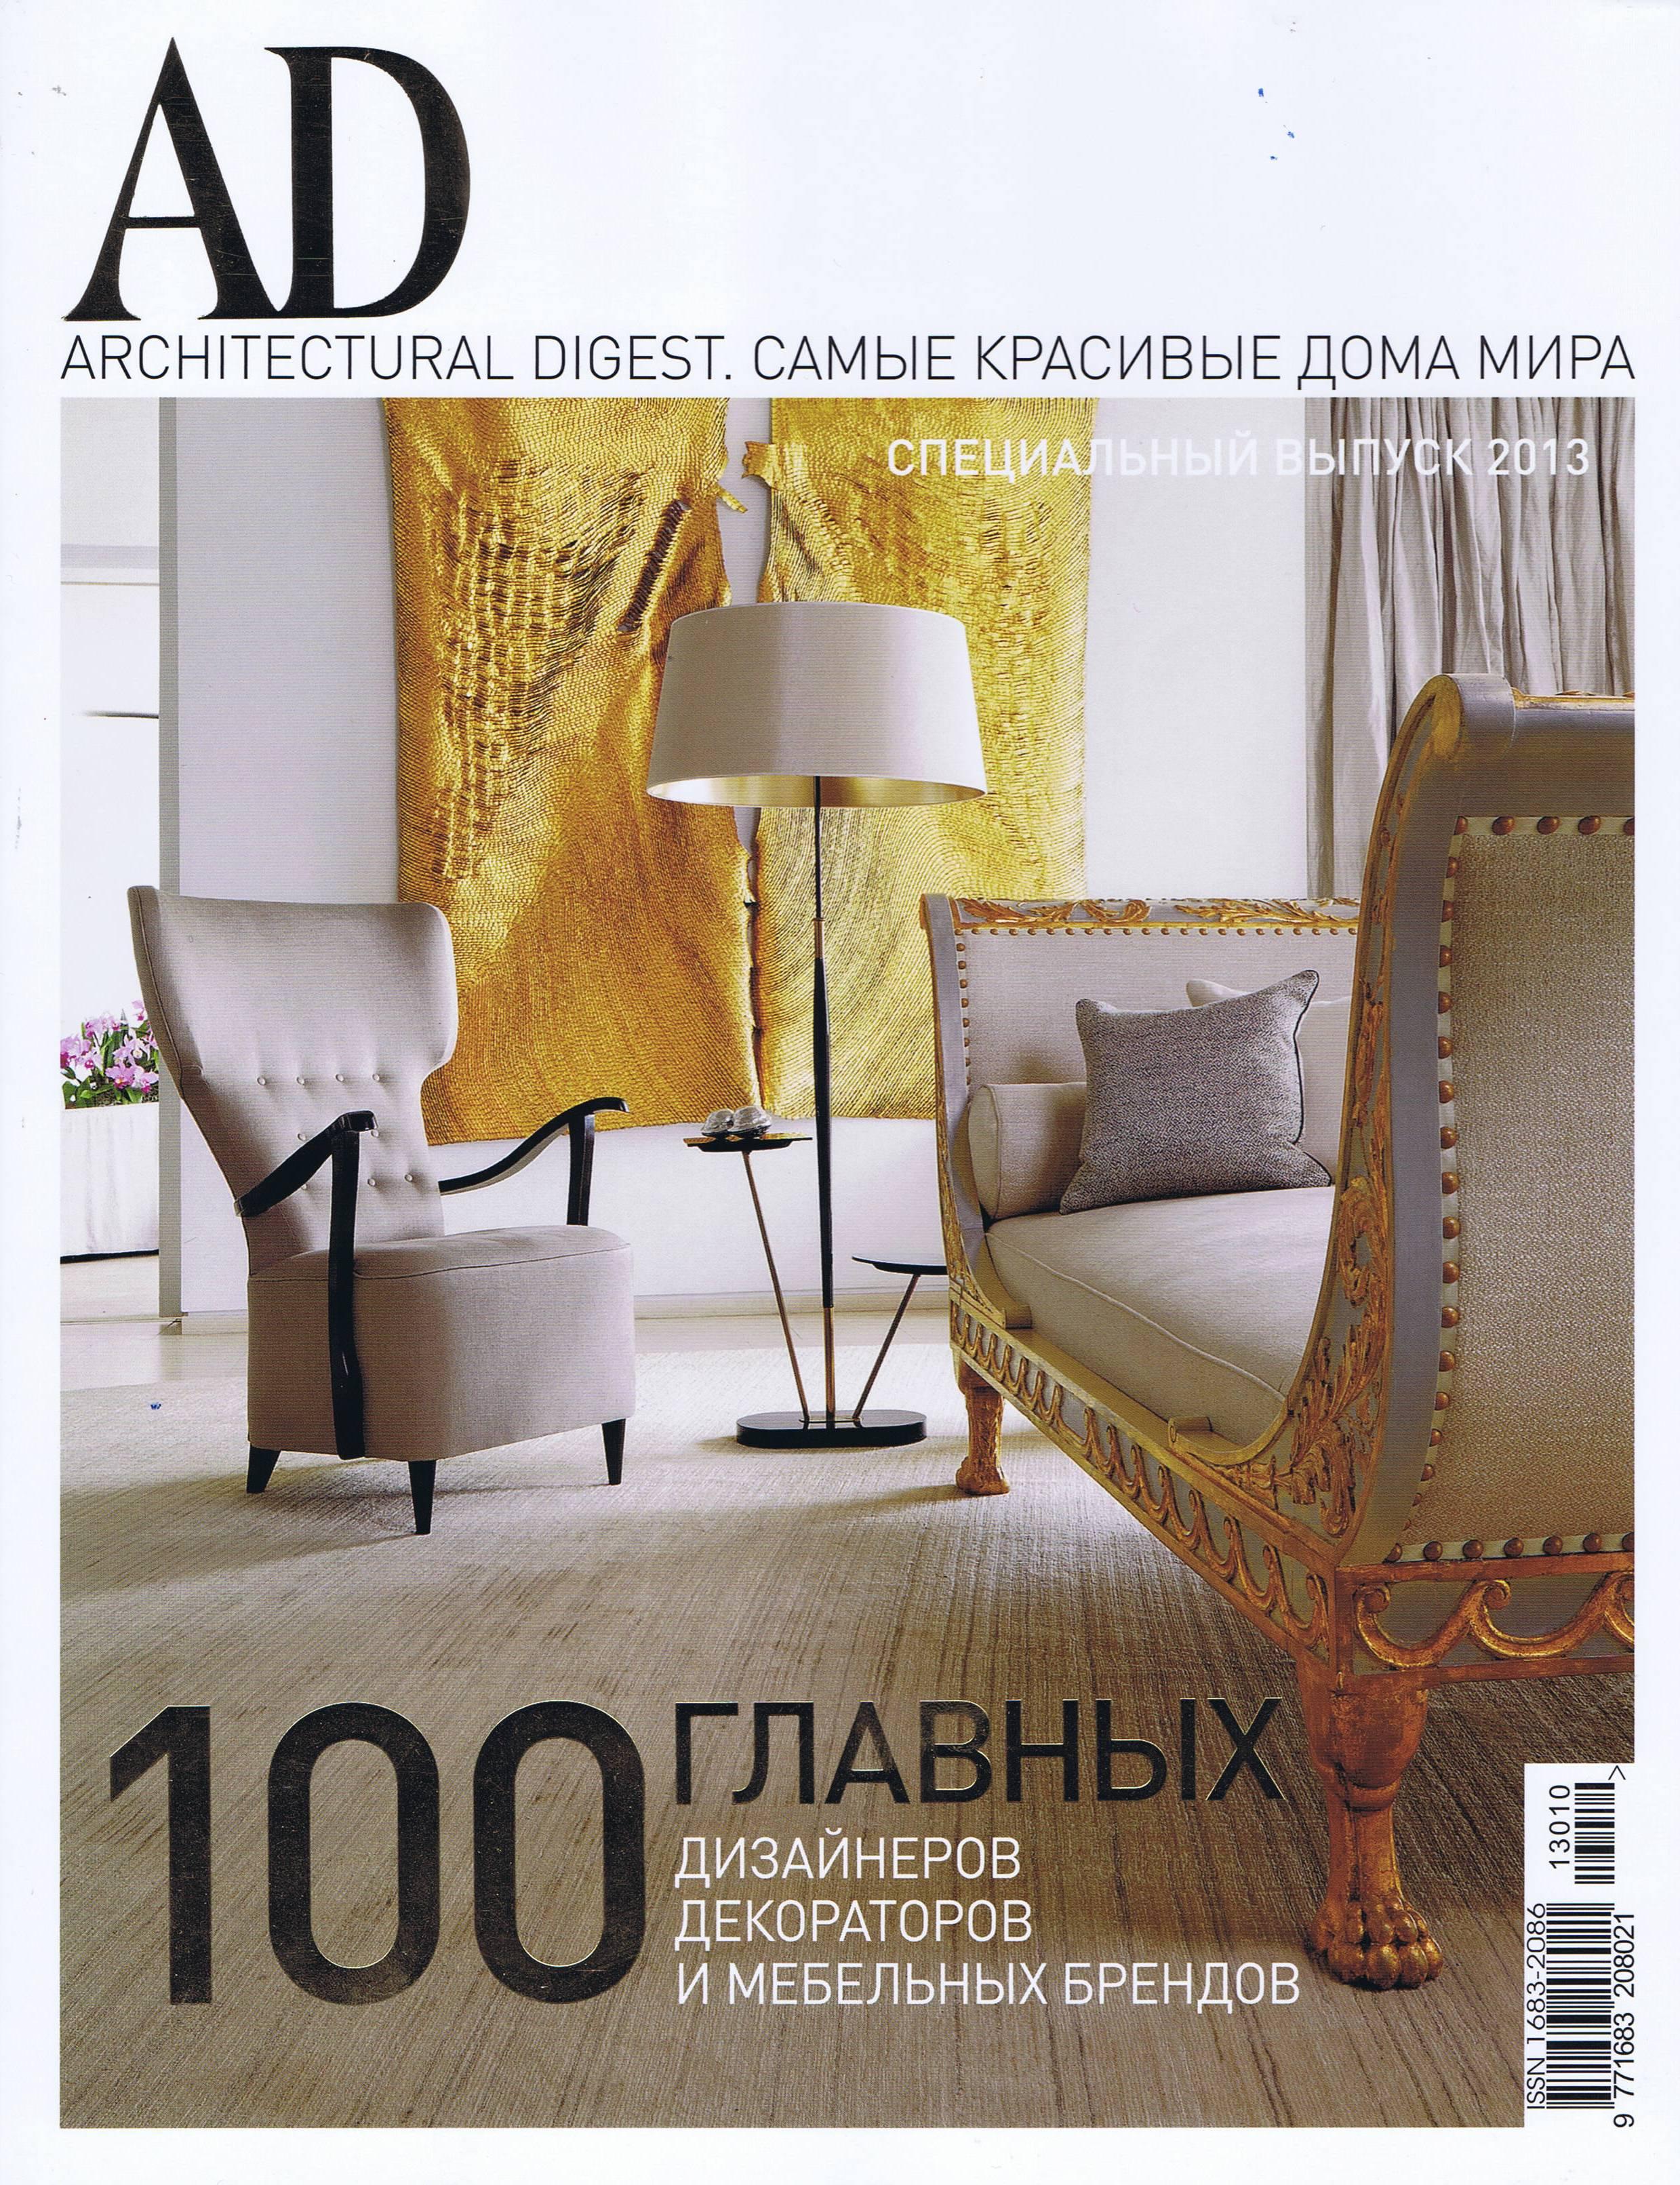 AD спец. вып. 2013.jpg